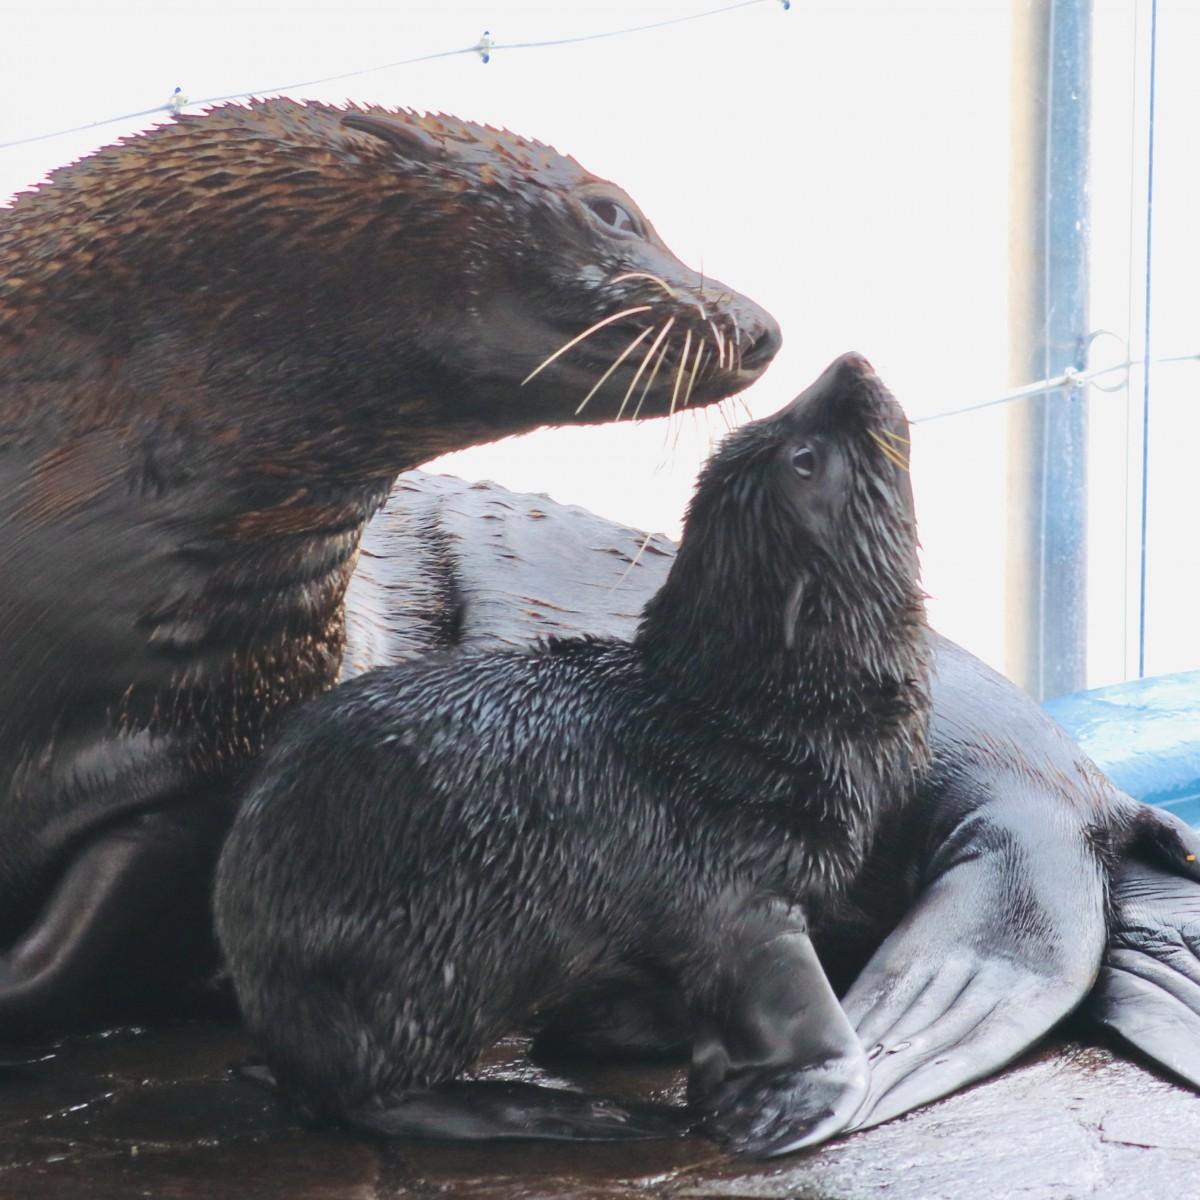 母親と一緒に元気な姿を見せるミナミアメリカオットセイの赤ちゃん(6月25日12時5分ごろ撮影)